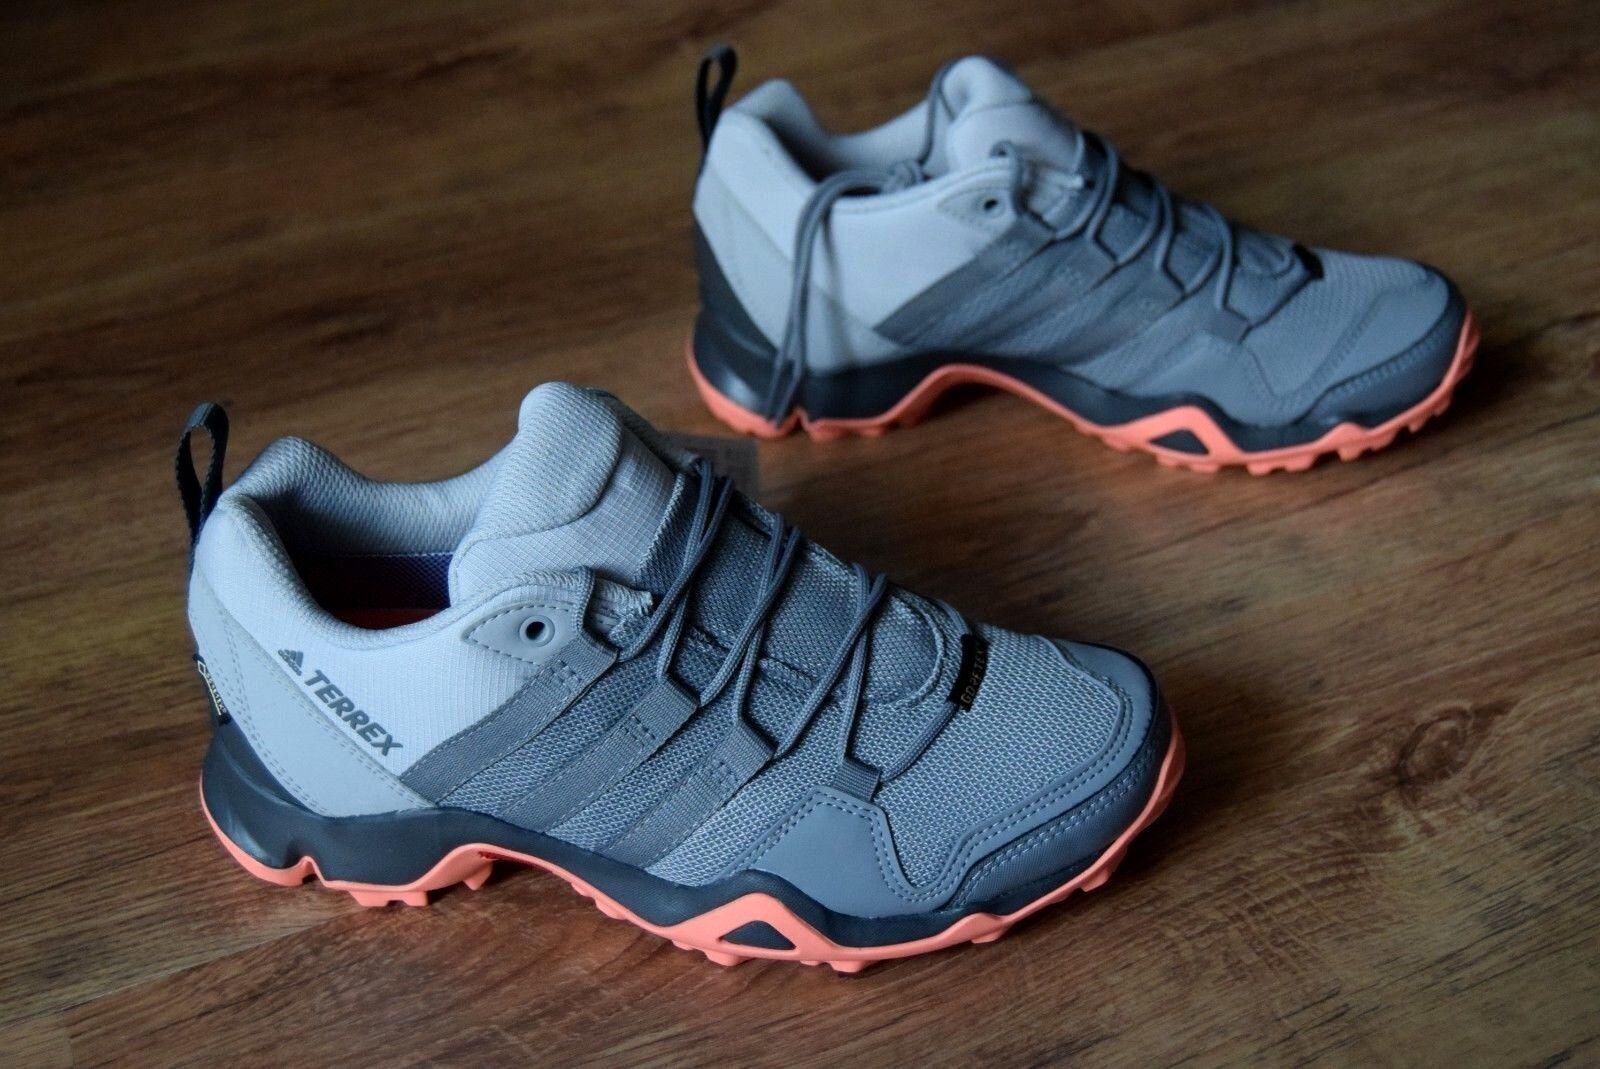 Adidas Terrex AX2R GTX W 38,5 40 Wanderschuhe Wanderschuhe Wanderschuhe Trekking CM7854 Swift b6702b